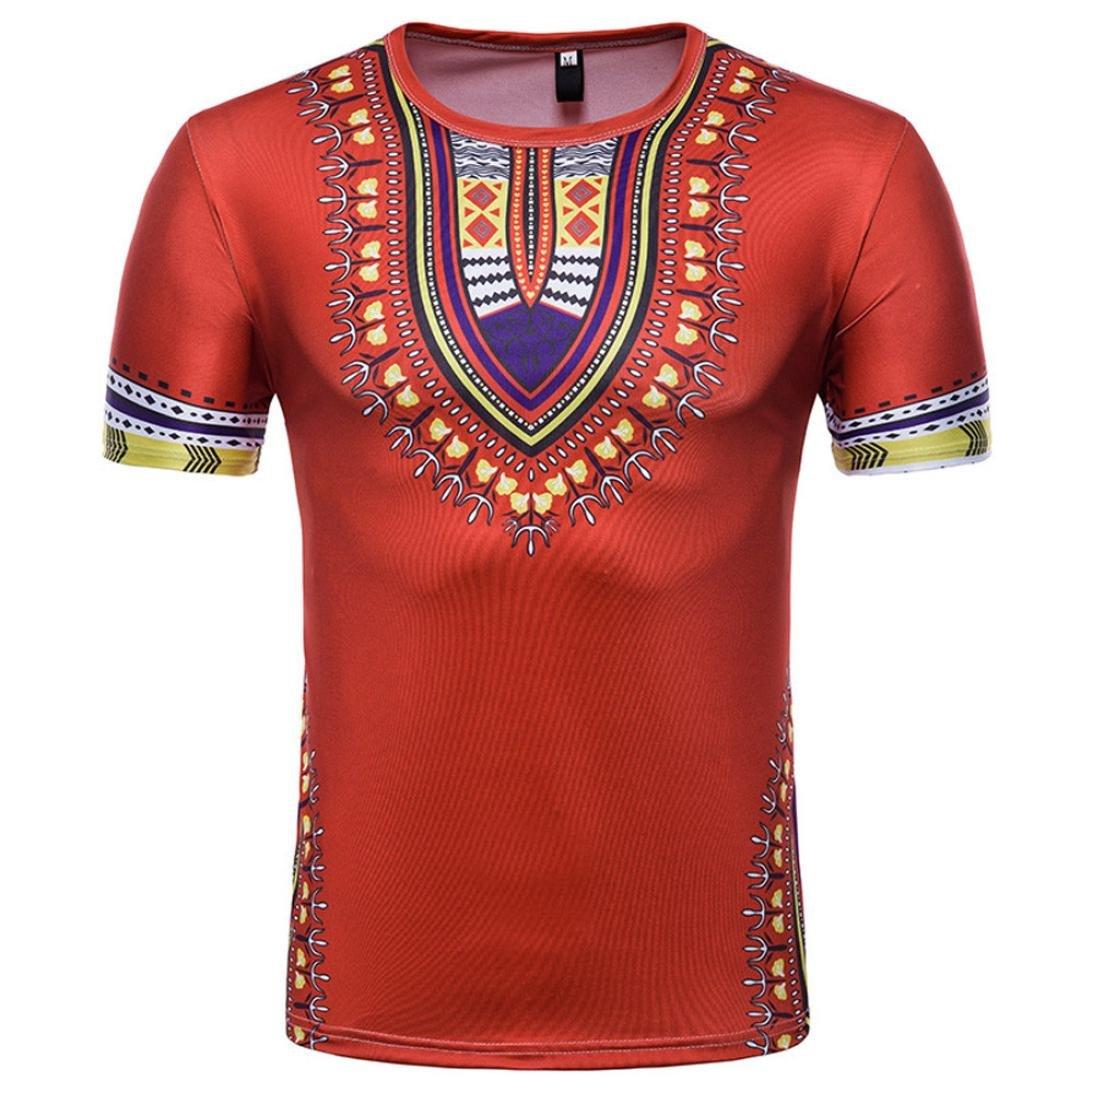 Moonuy Haute Qualité Chemise Décontractée à Manches Longues à Manches Courtes T-Shirt Imprimé Africain pour Hommes Traditionnelle Cool Vest Pullover O Neck T-Shirt Top Blouse